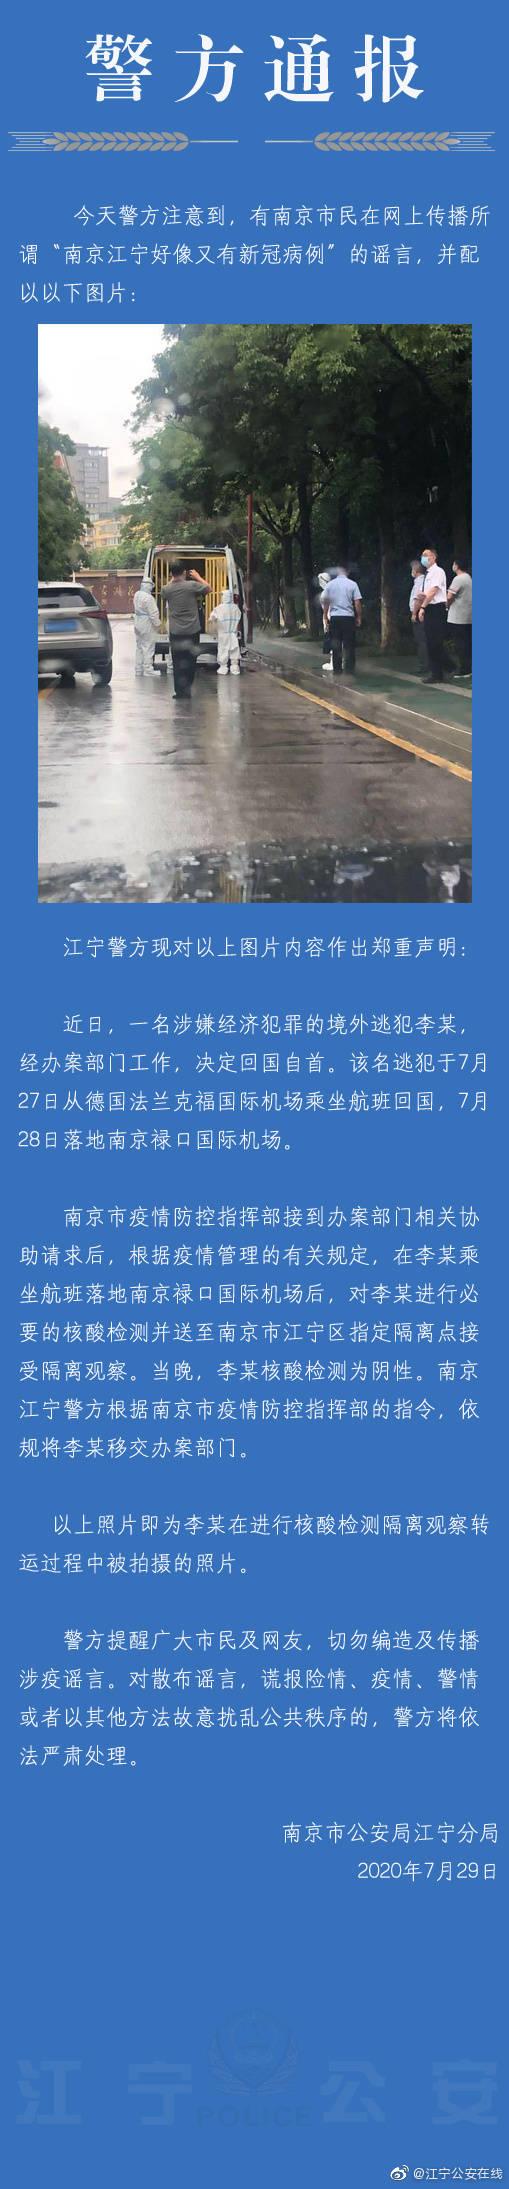 武汉工资水平南京又有新冠病例?警方辟谣